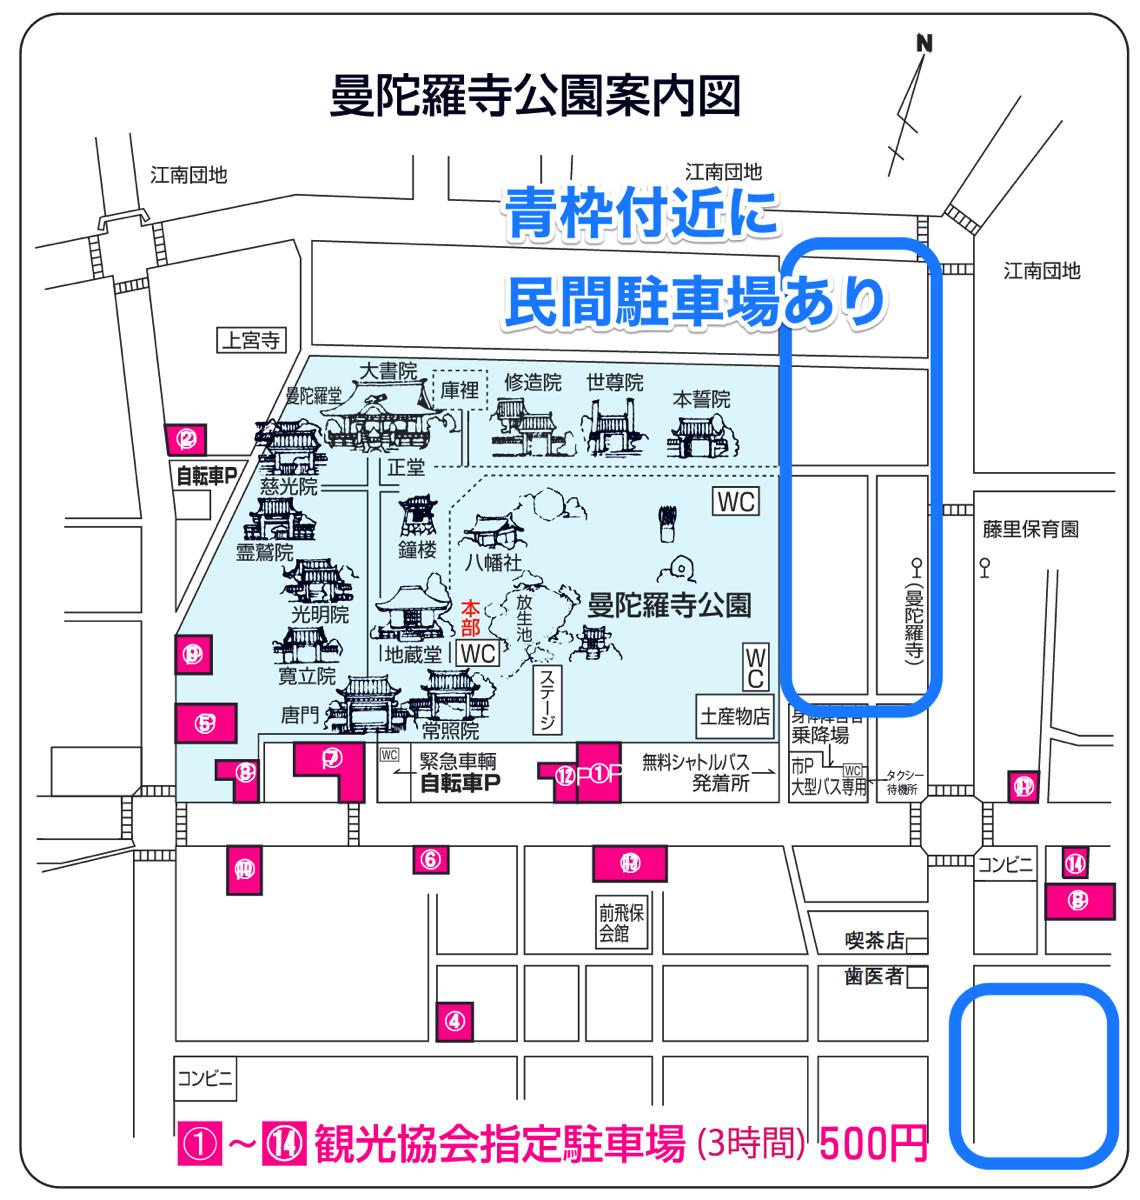 parking1 pdf